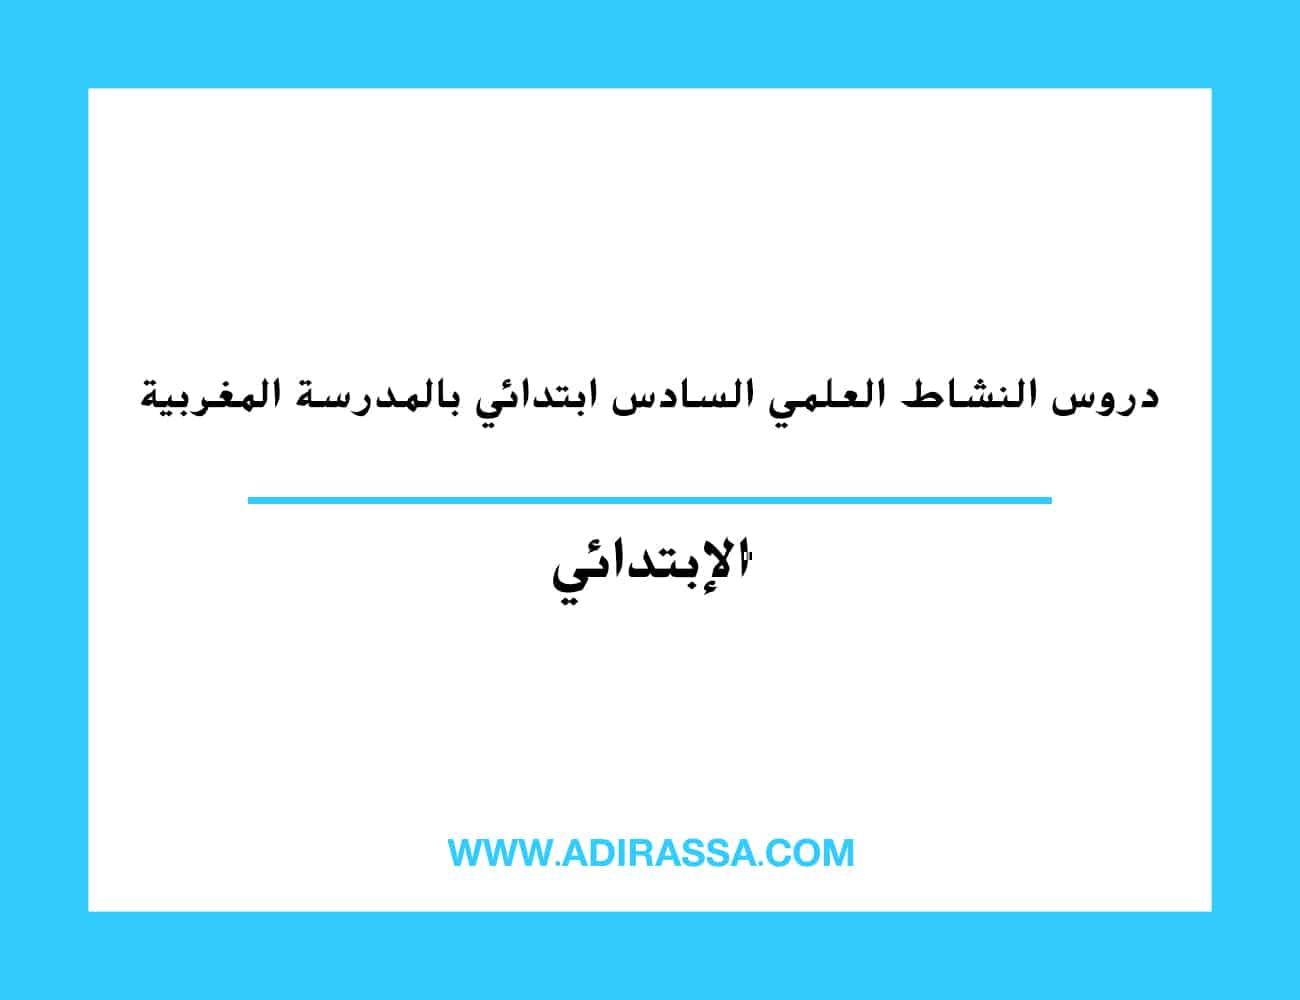 دروس النشاط العلمي السادس ابتدائي المقررة بالمدرسة المغربية